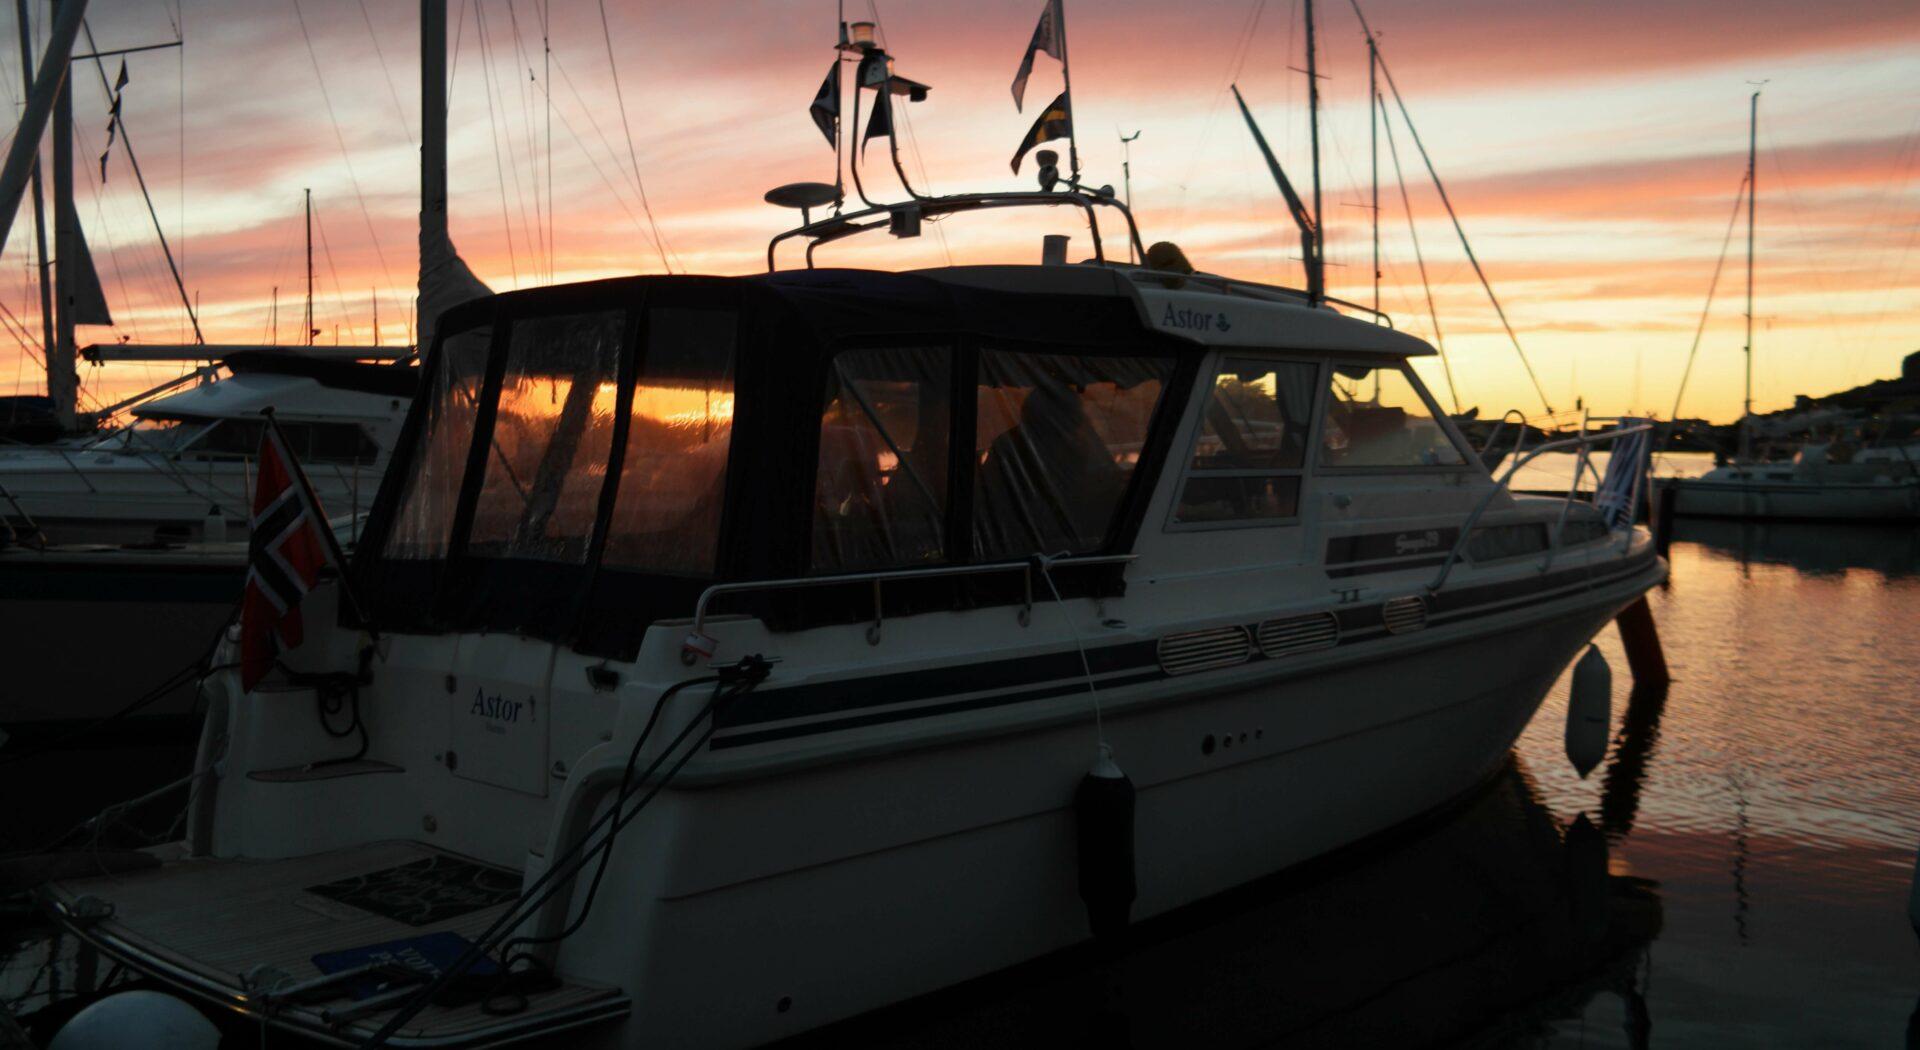 Astor i solnedgang